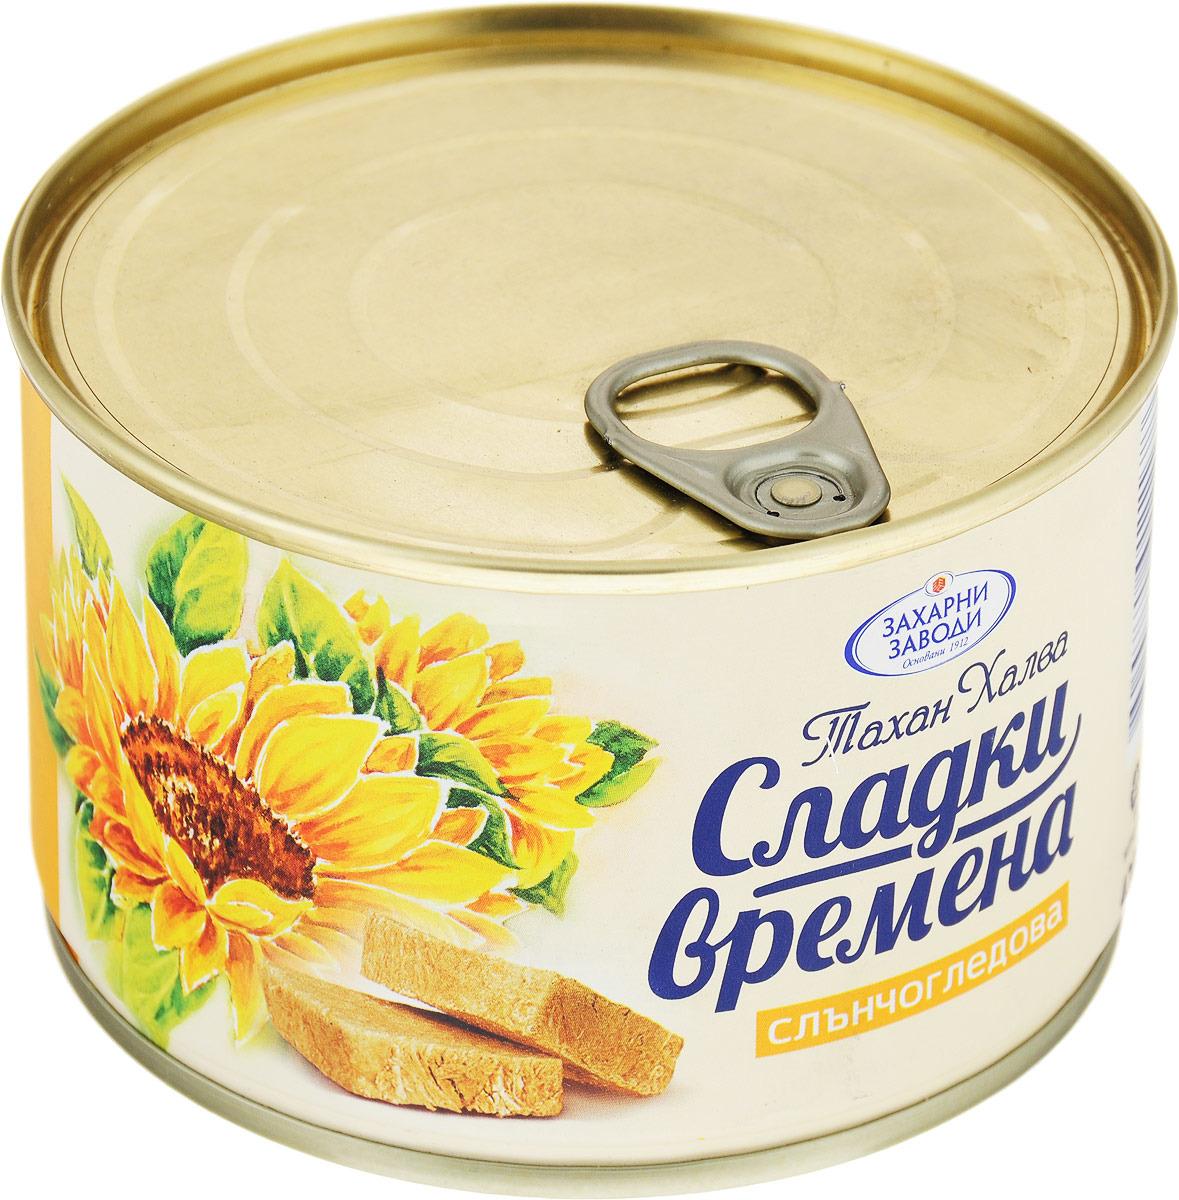 Zaharni Zavodi Zlatea Подсолнечная халва, 420 г